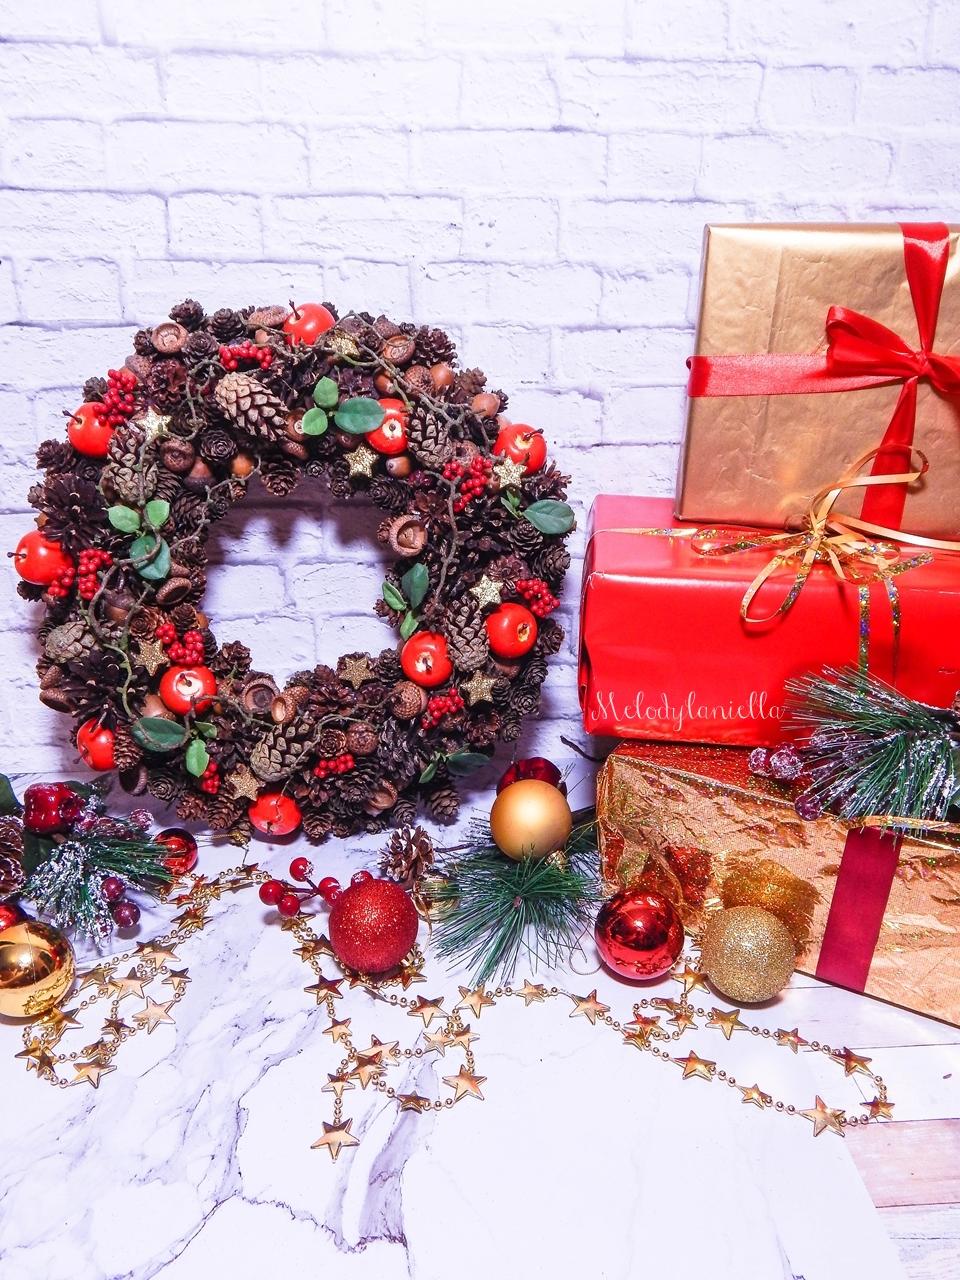 10 prezenty z okazji Bożego Narodzenia w świątecznym klimacie tradycyjne wieńce świąteczne deco bazar pomysł na przent dla babci dziadka pod choinkę ozdoby świąteczne do domu pracy biura na gwiazdkę